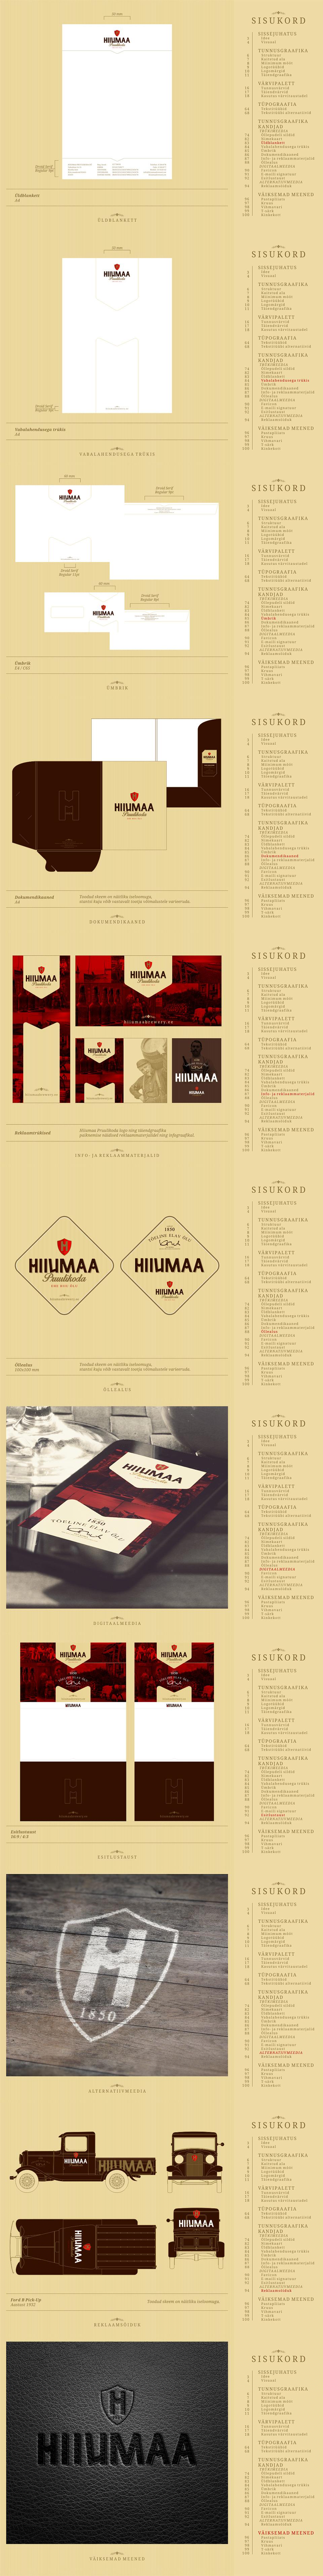 HiiumaaBrewery-CVI-3